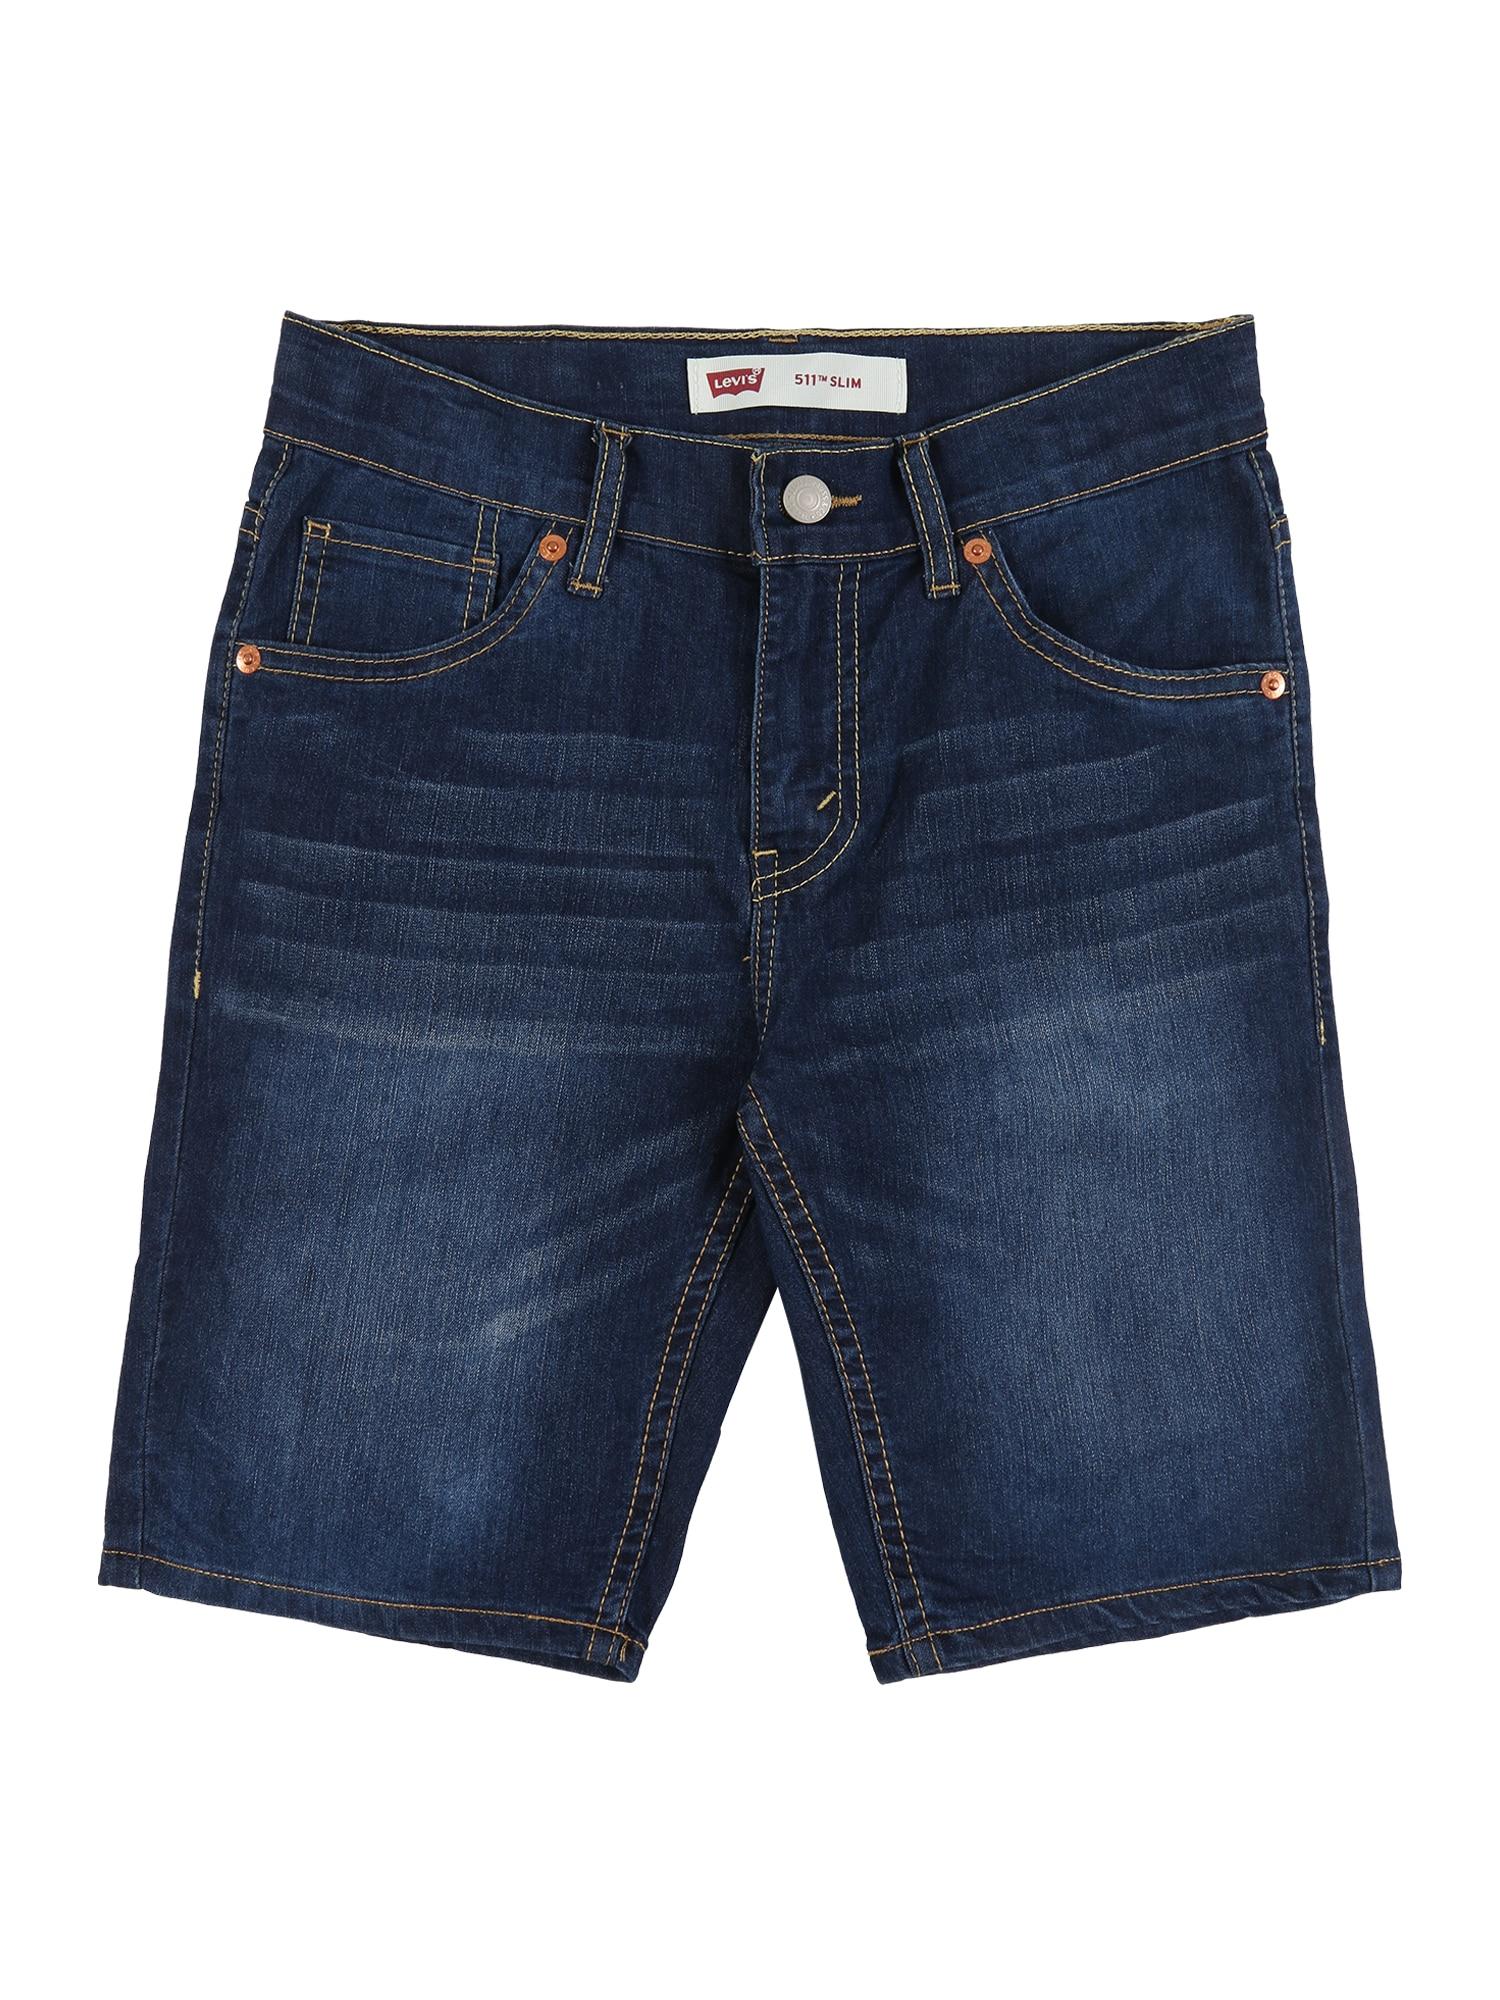 LEVI'S Kelnės '511' tamsiai (džinso) mėlyna